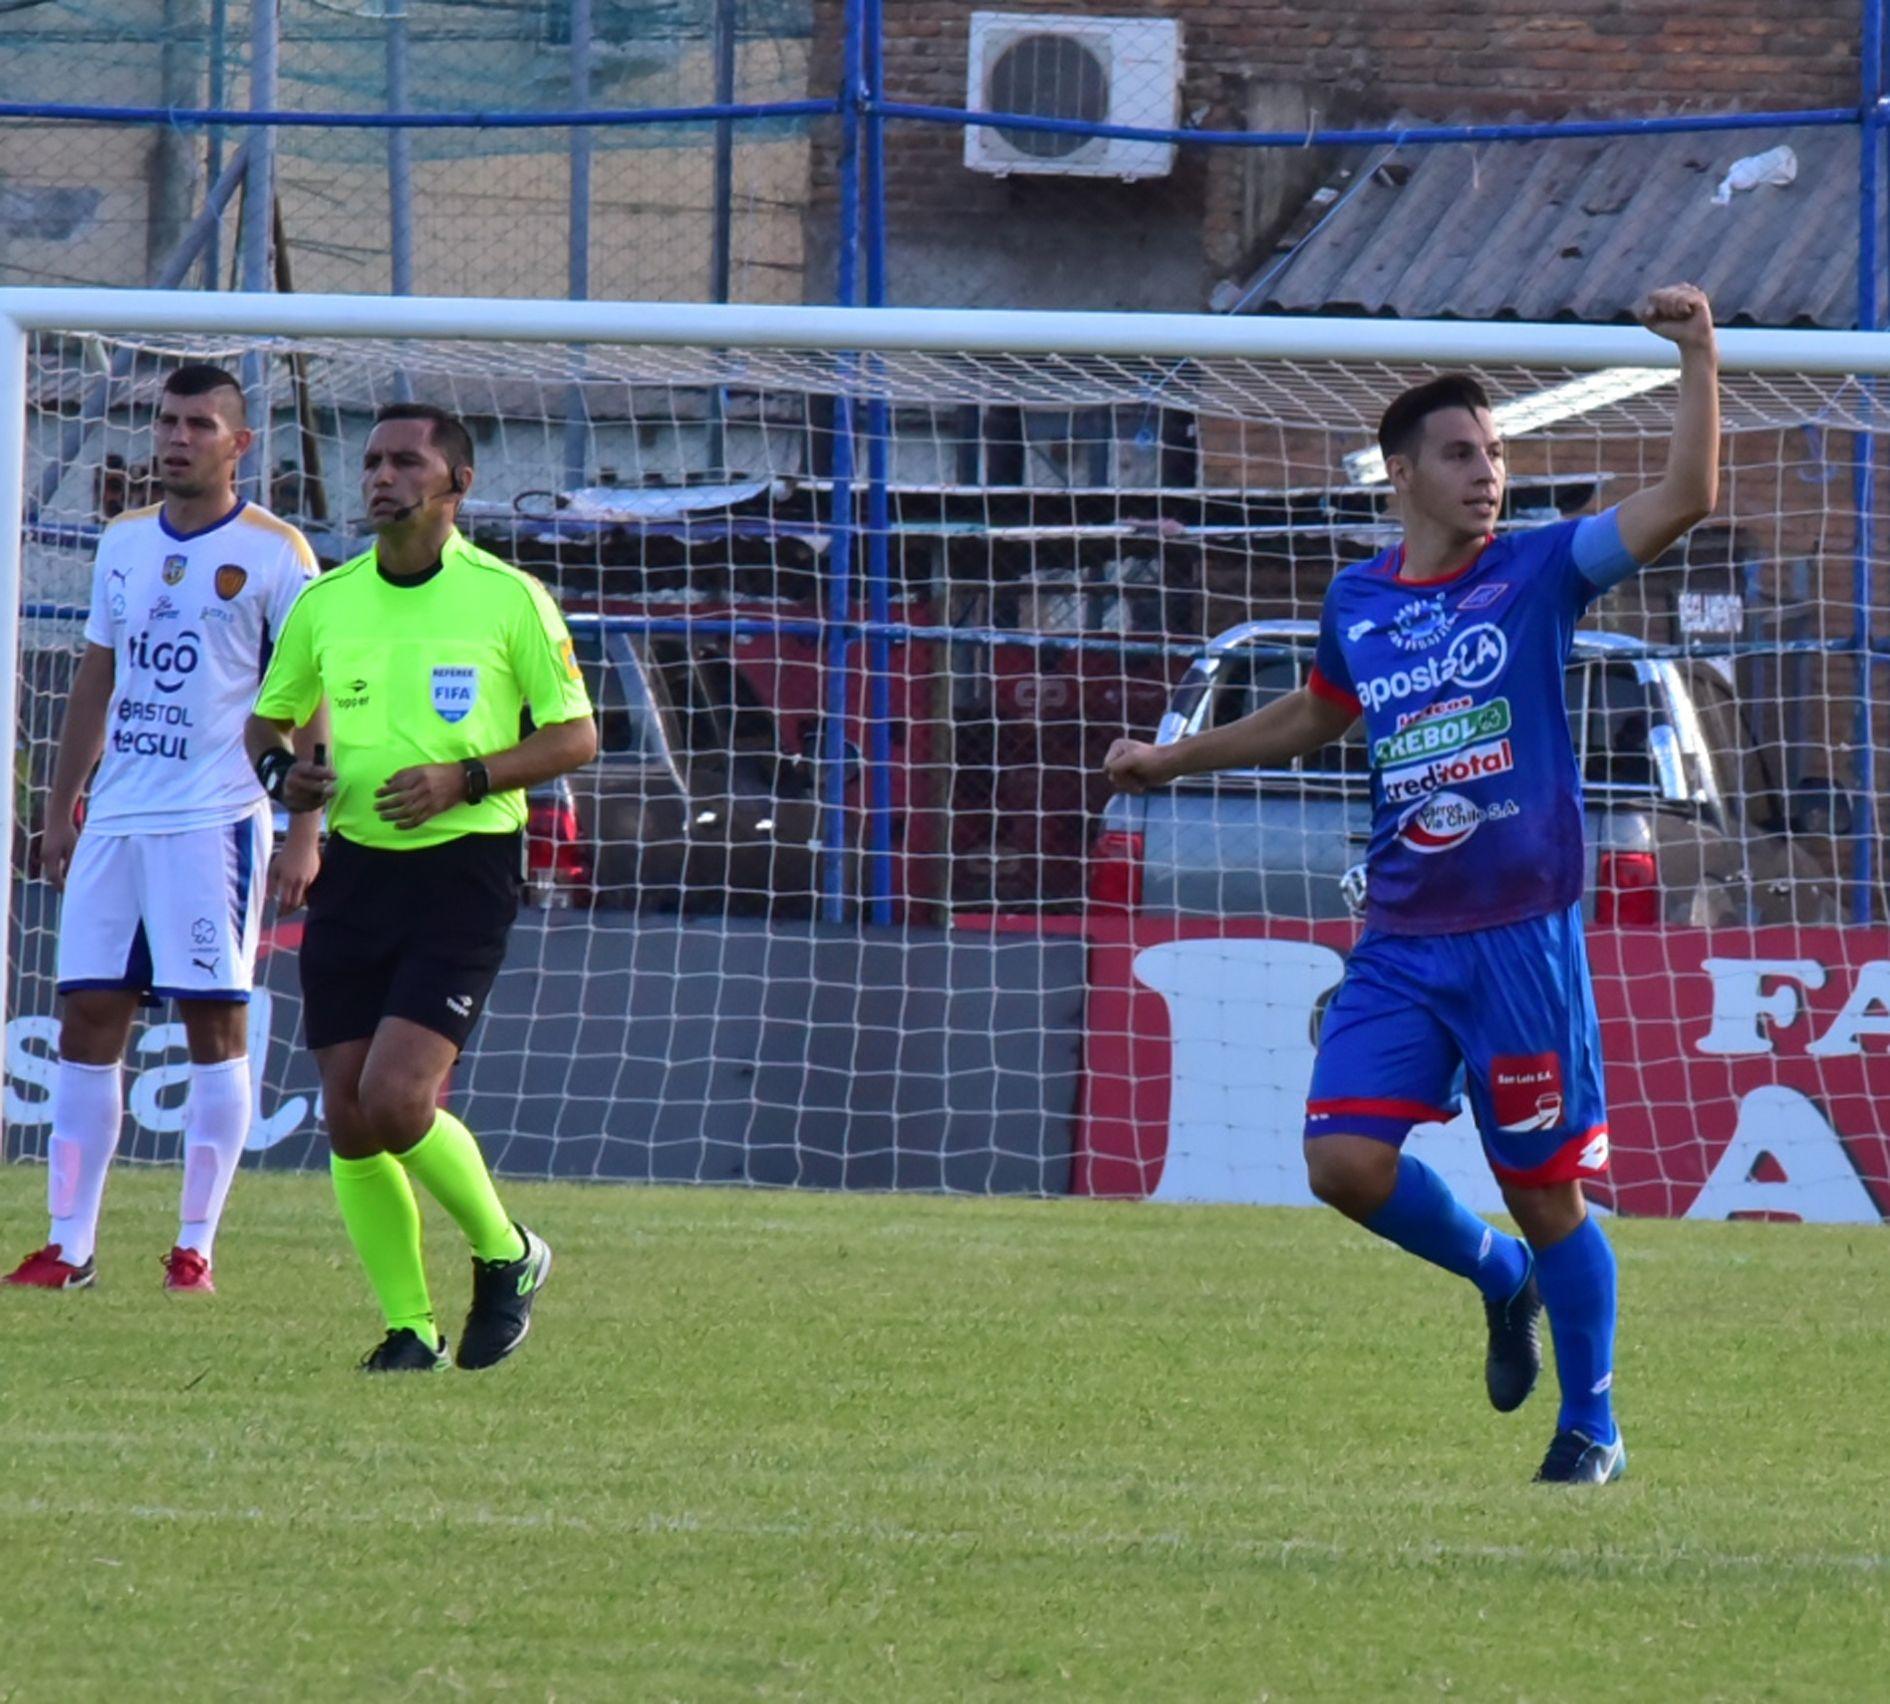 Seba Ferreira es uno de los goleadores del campeonato Apertura. Foto: Última Hora